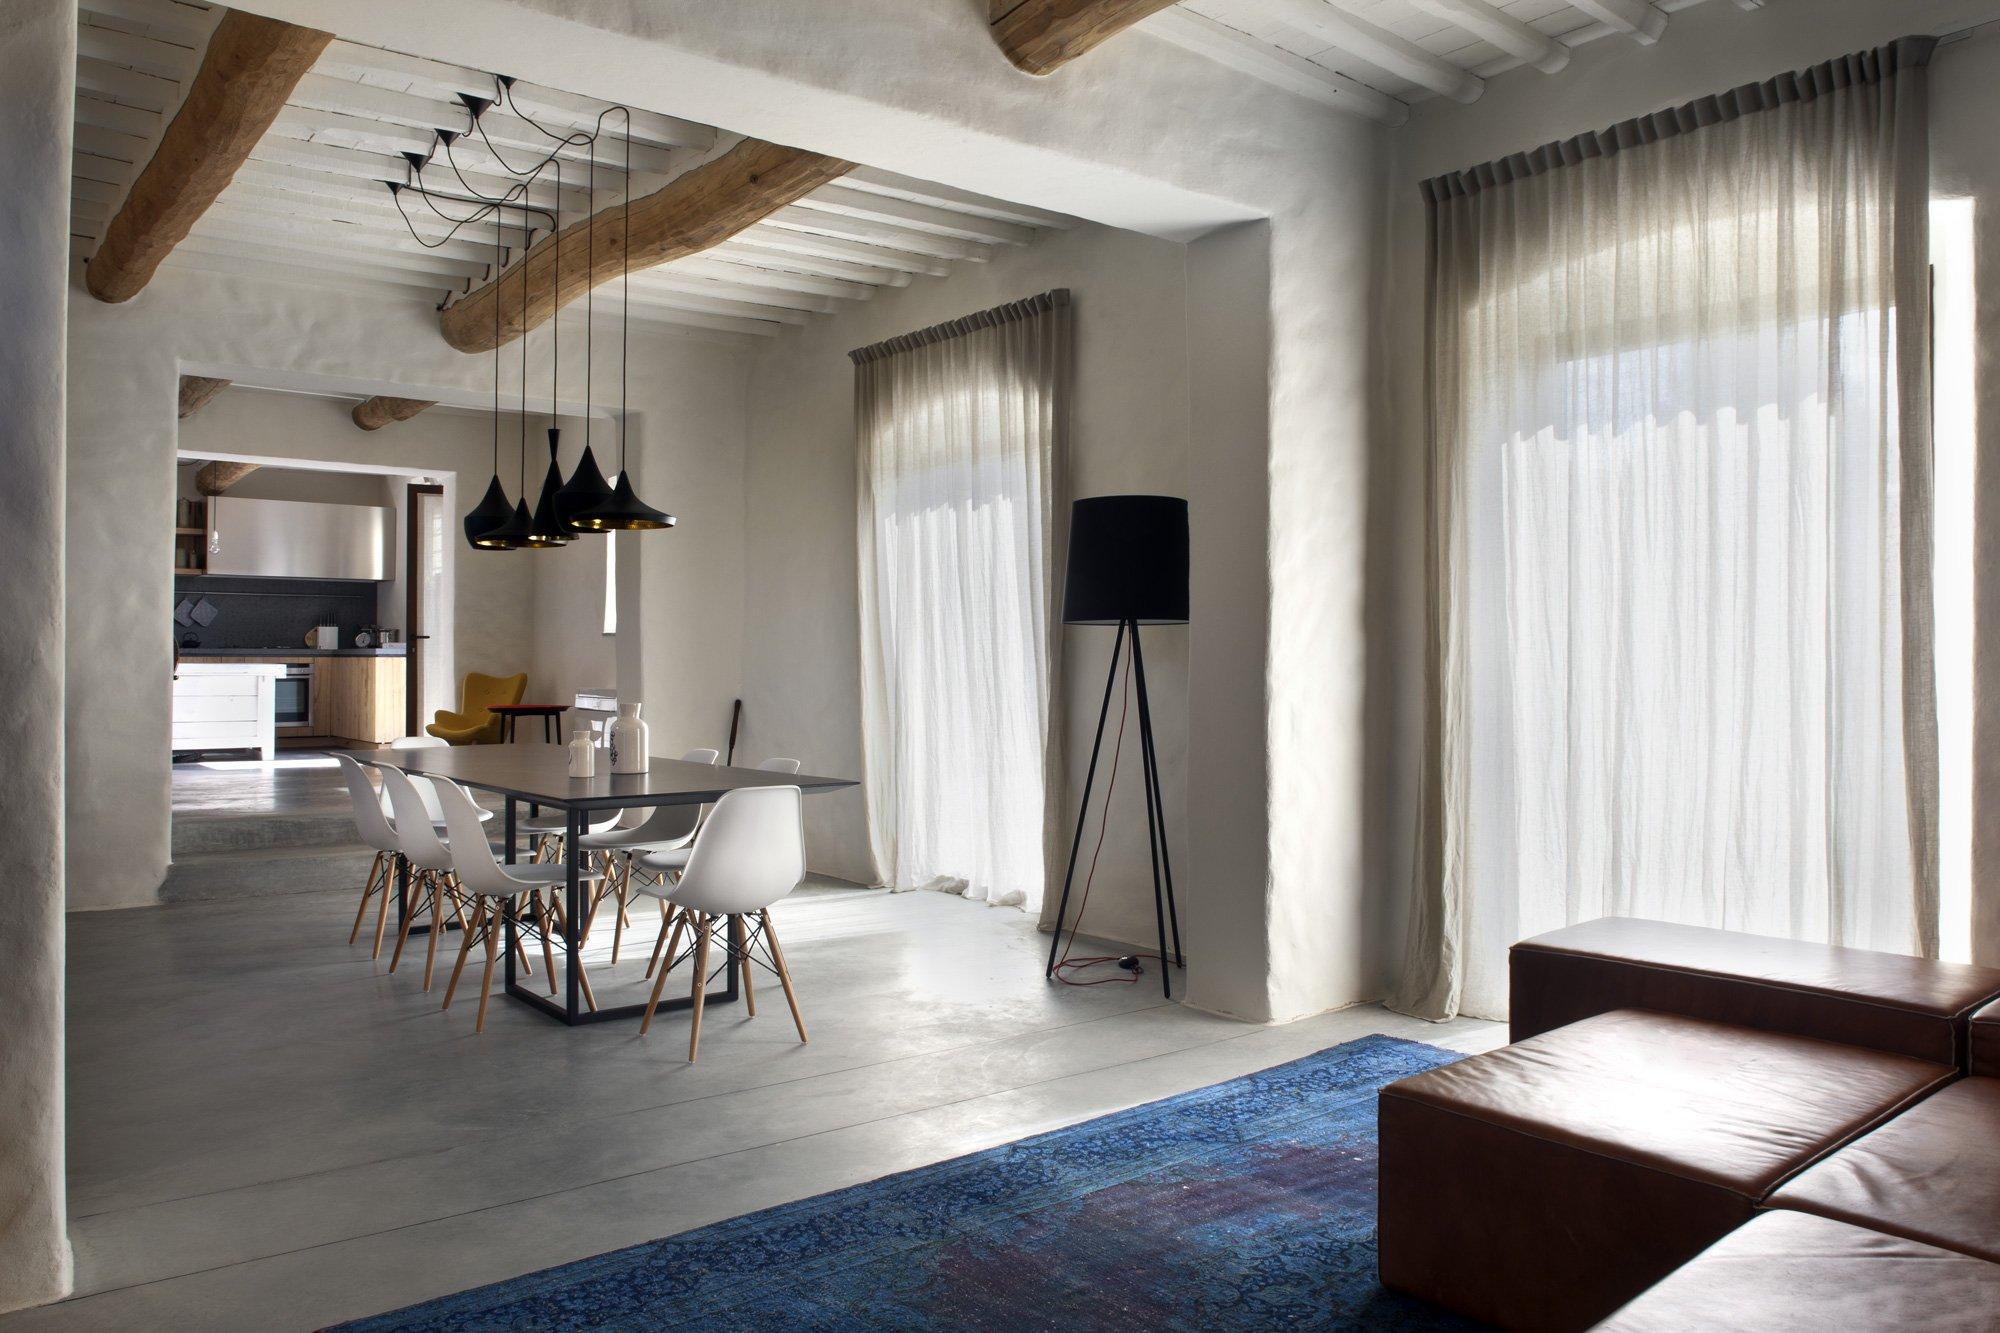 Casale di campagna for Architettura italiana